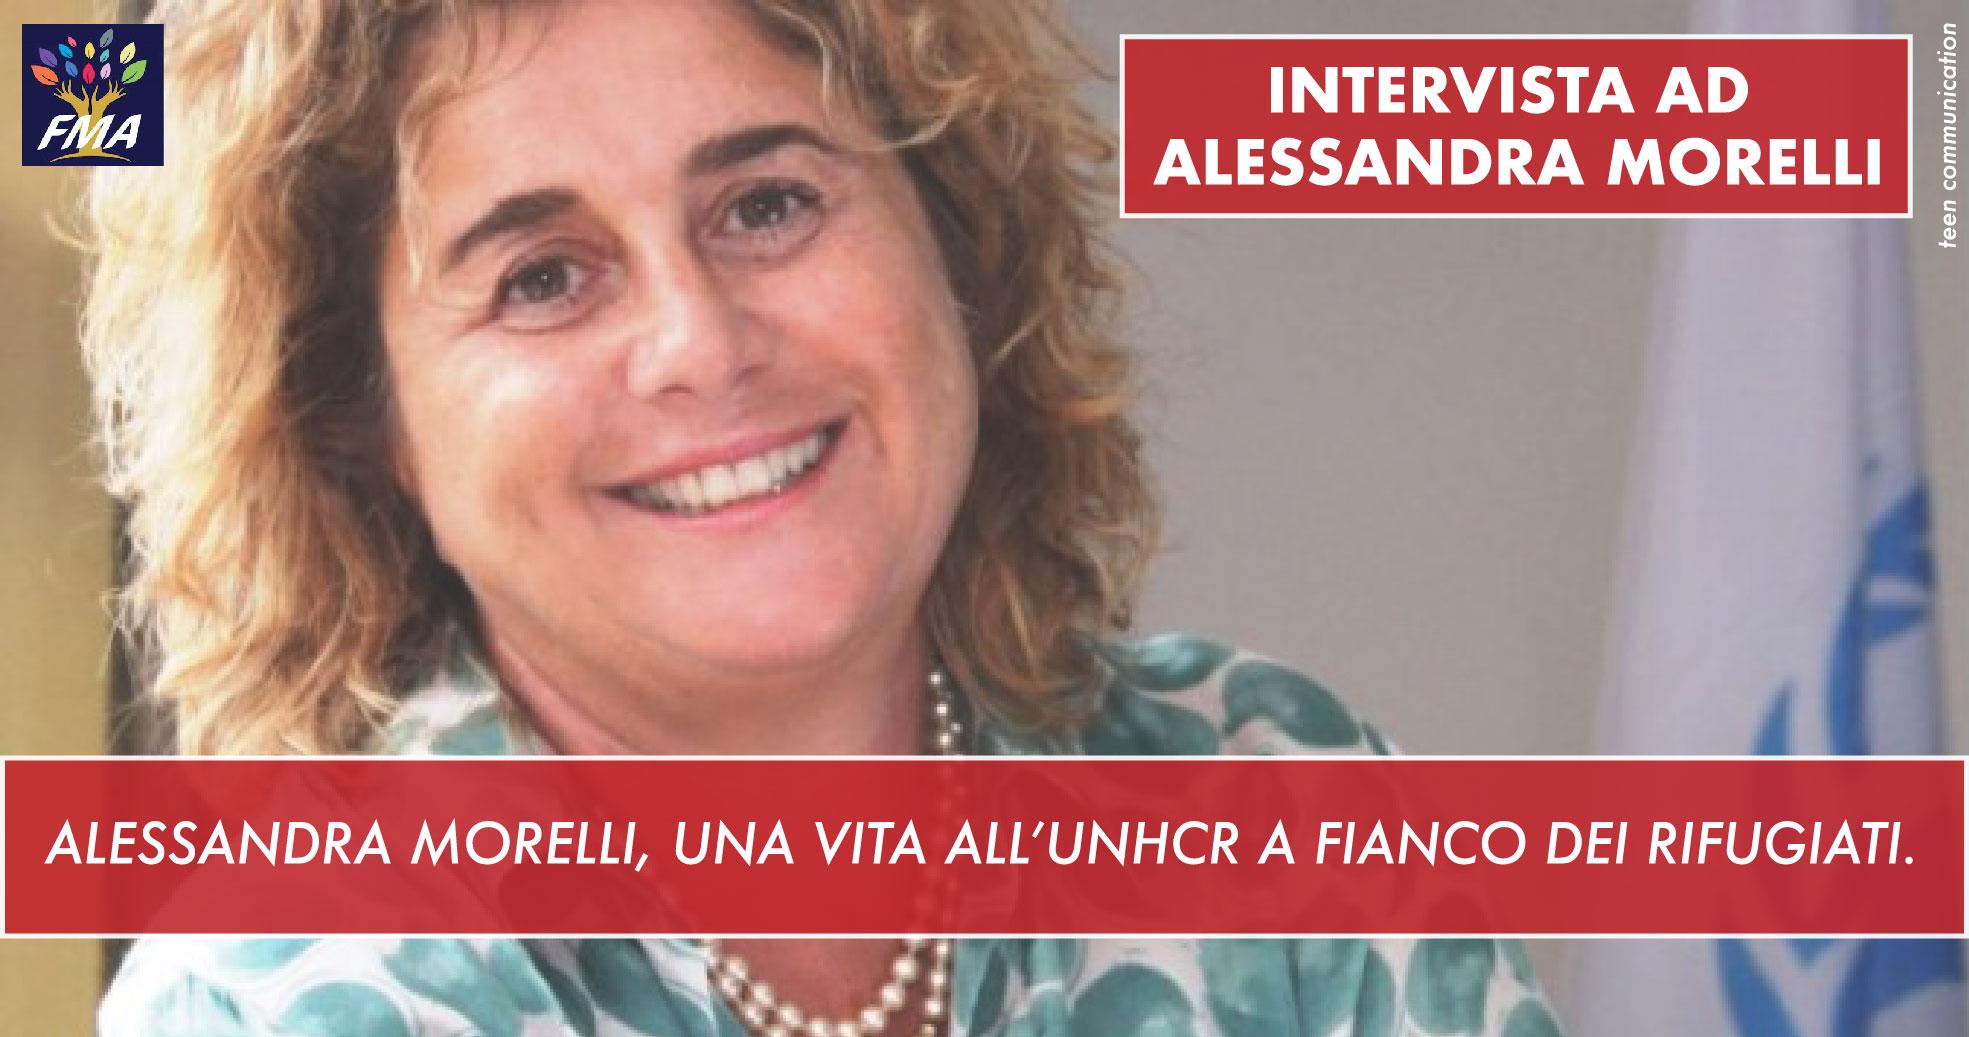 Intervista ad Alessandra Morelli